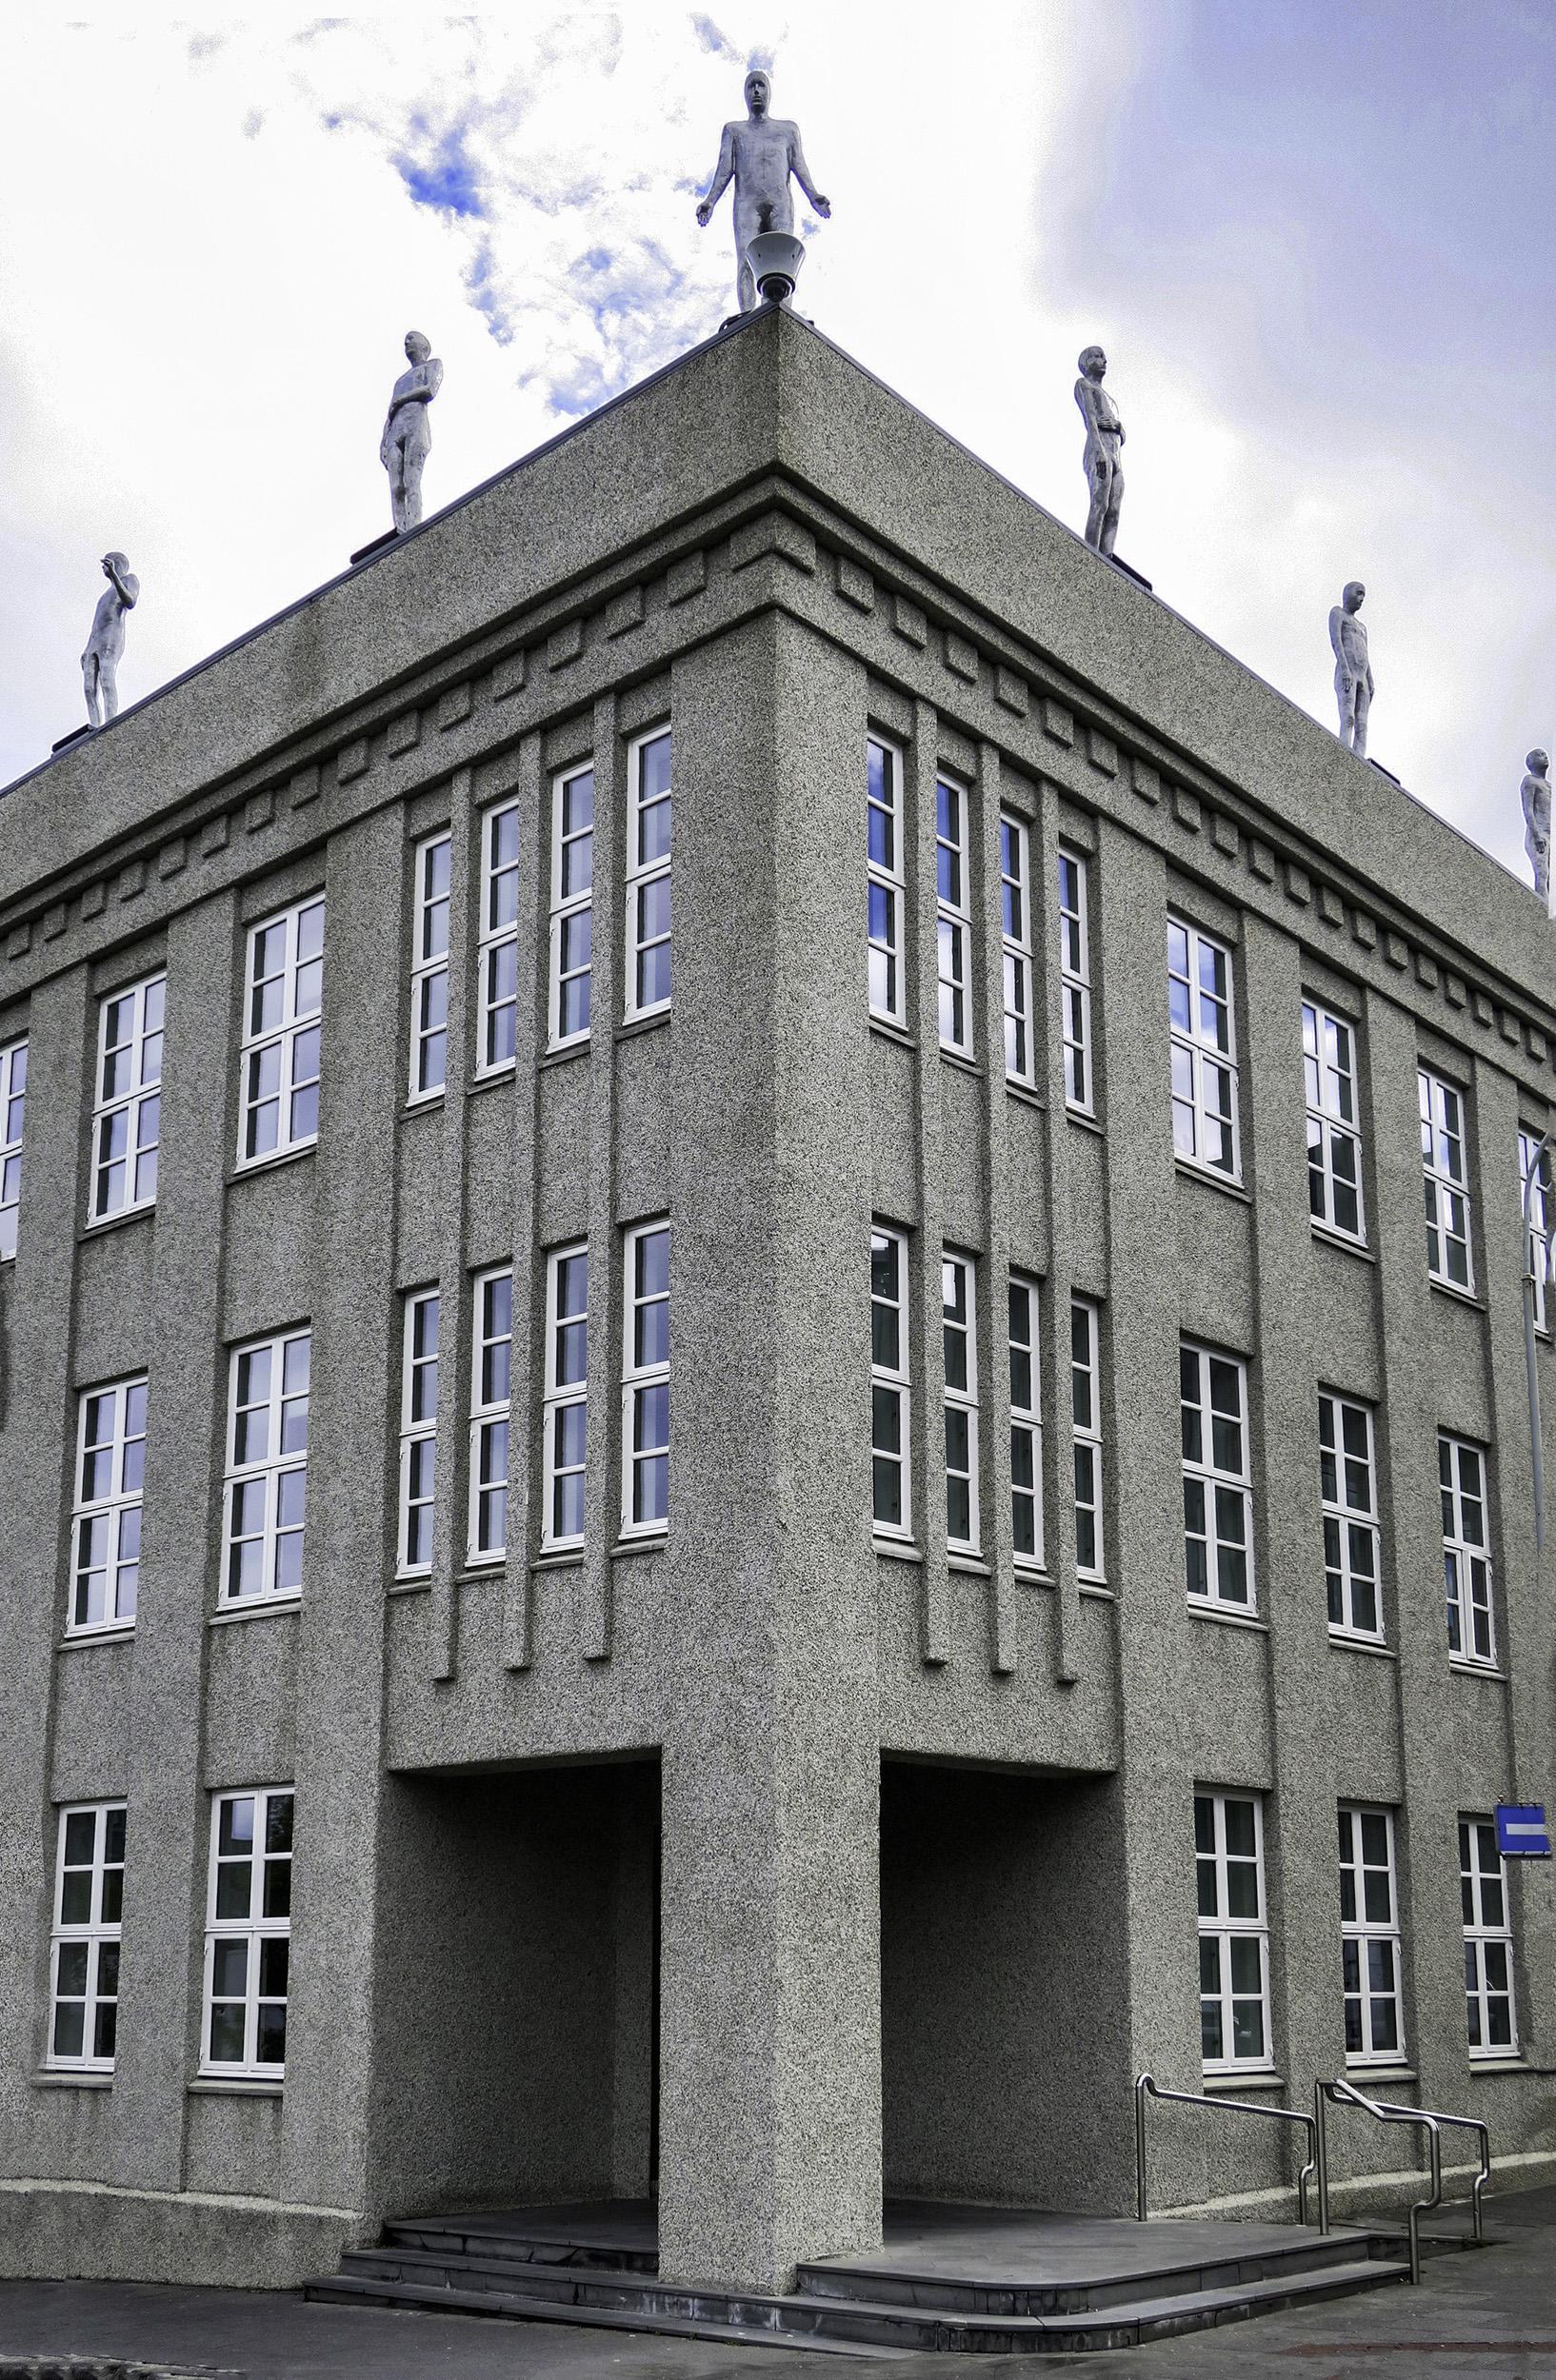 Trophies by Steinunn Þórarinsdóttir on the Ministry of Finance Building, Reykjavik